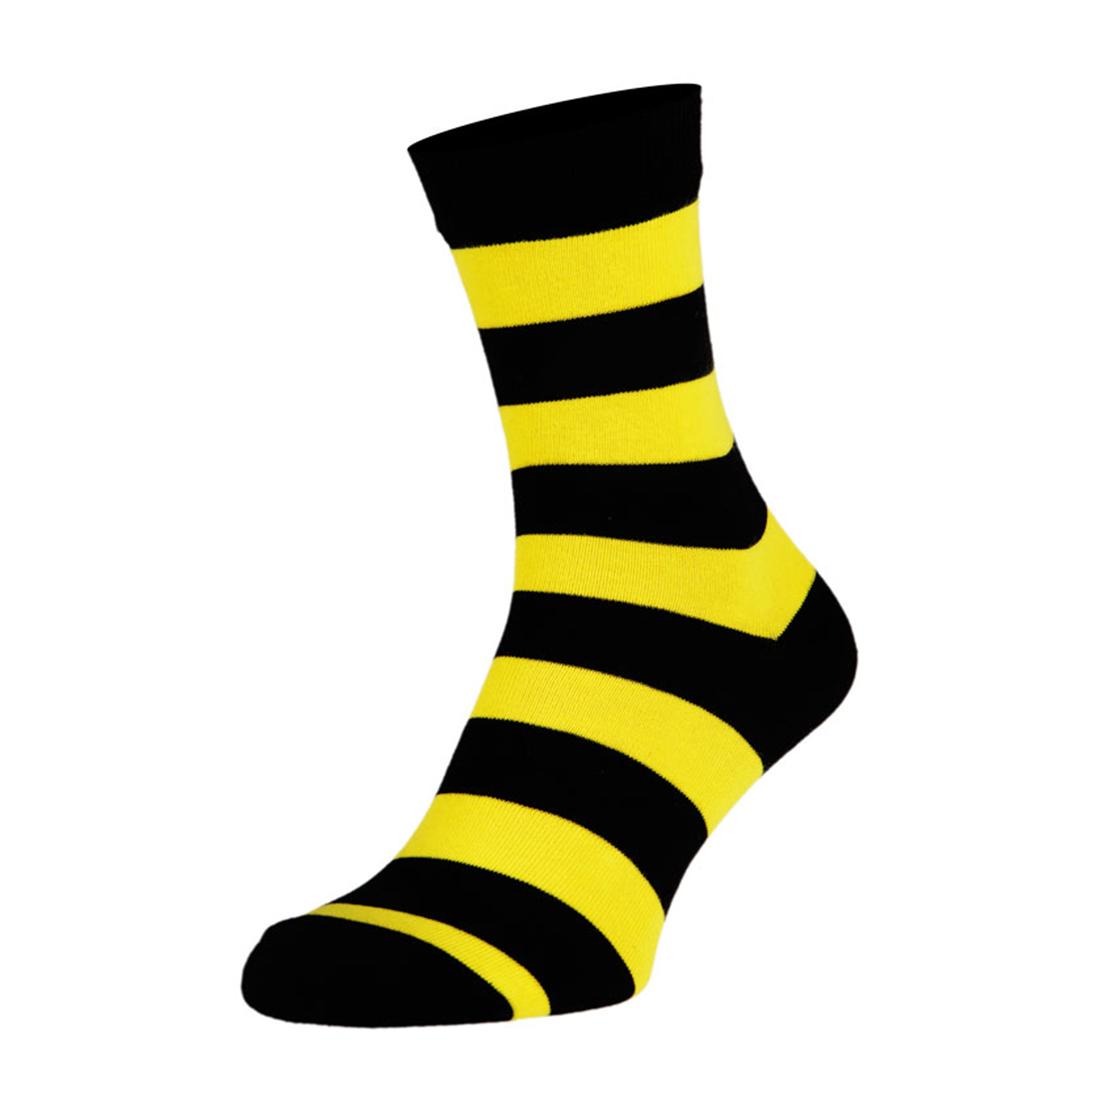 Носки мужские цветные из хлопка, жёлтая полоска MansSet